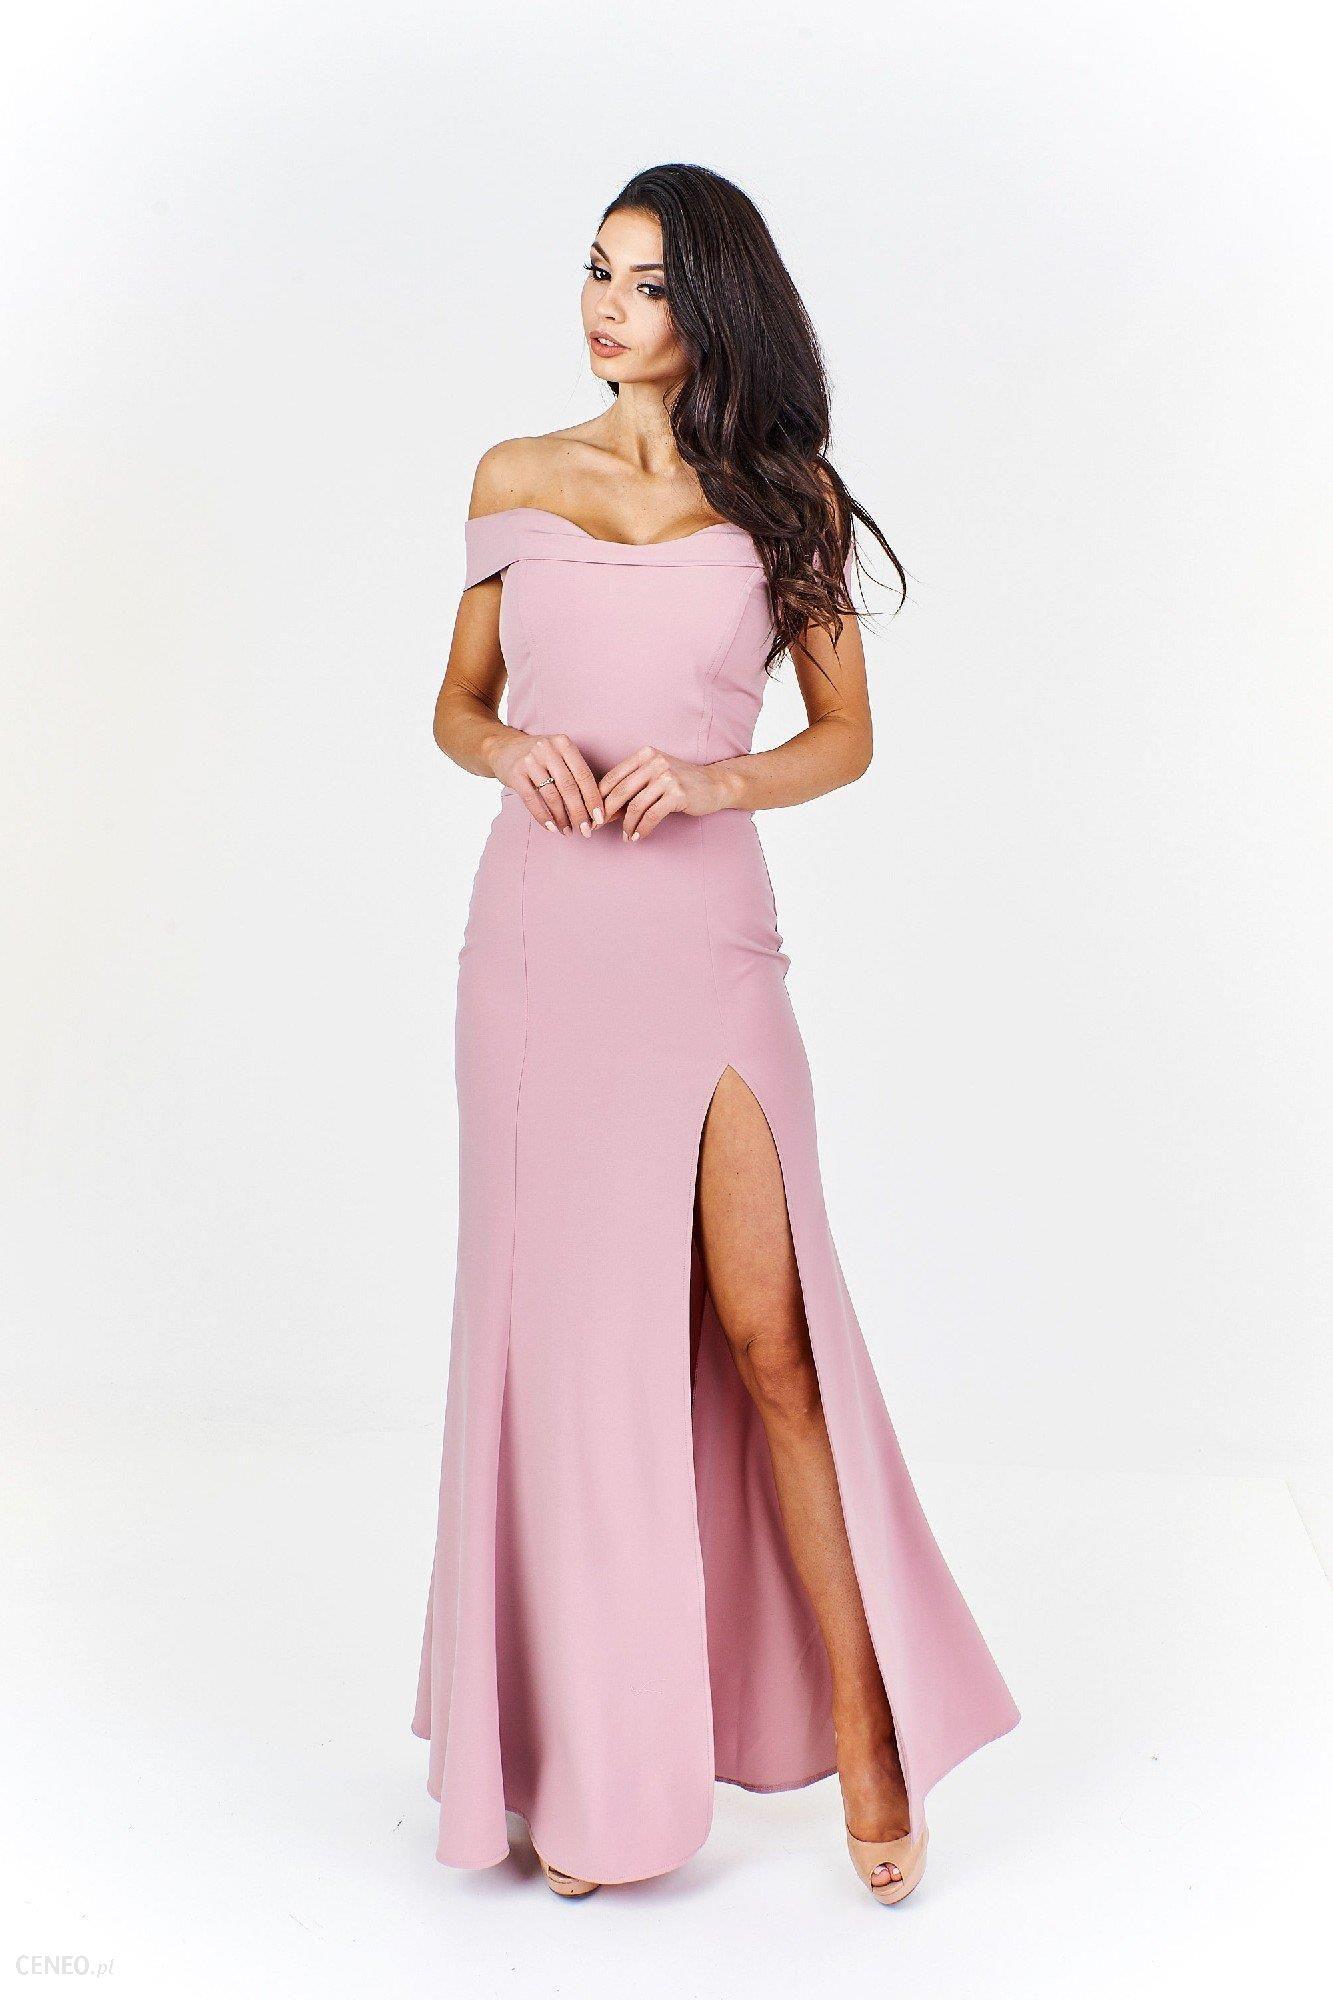 Ptak Moda Elegancka sukienka maxi M55510 pudrowy róż r. 40 Ceny i opinie Ceneo.pl